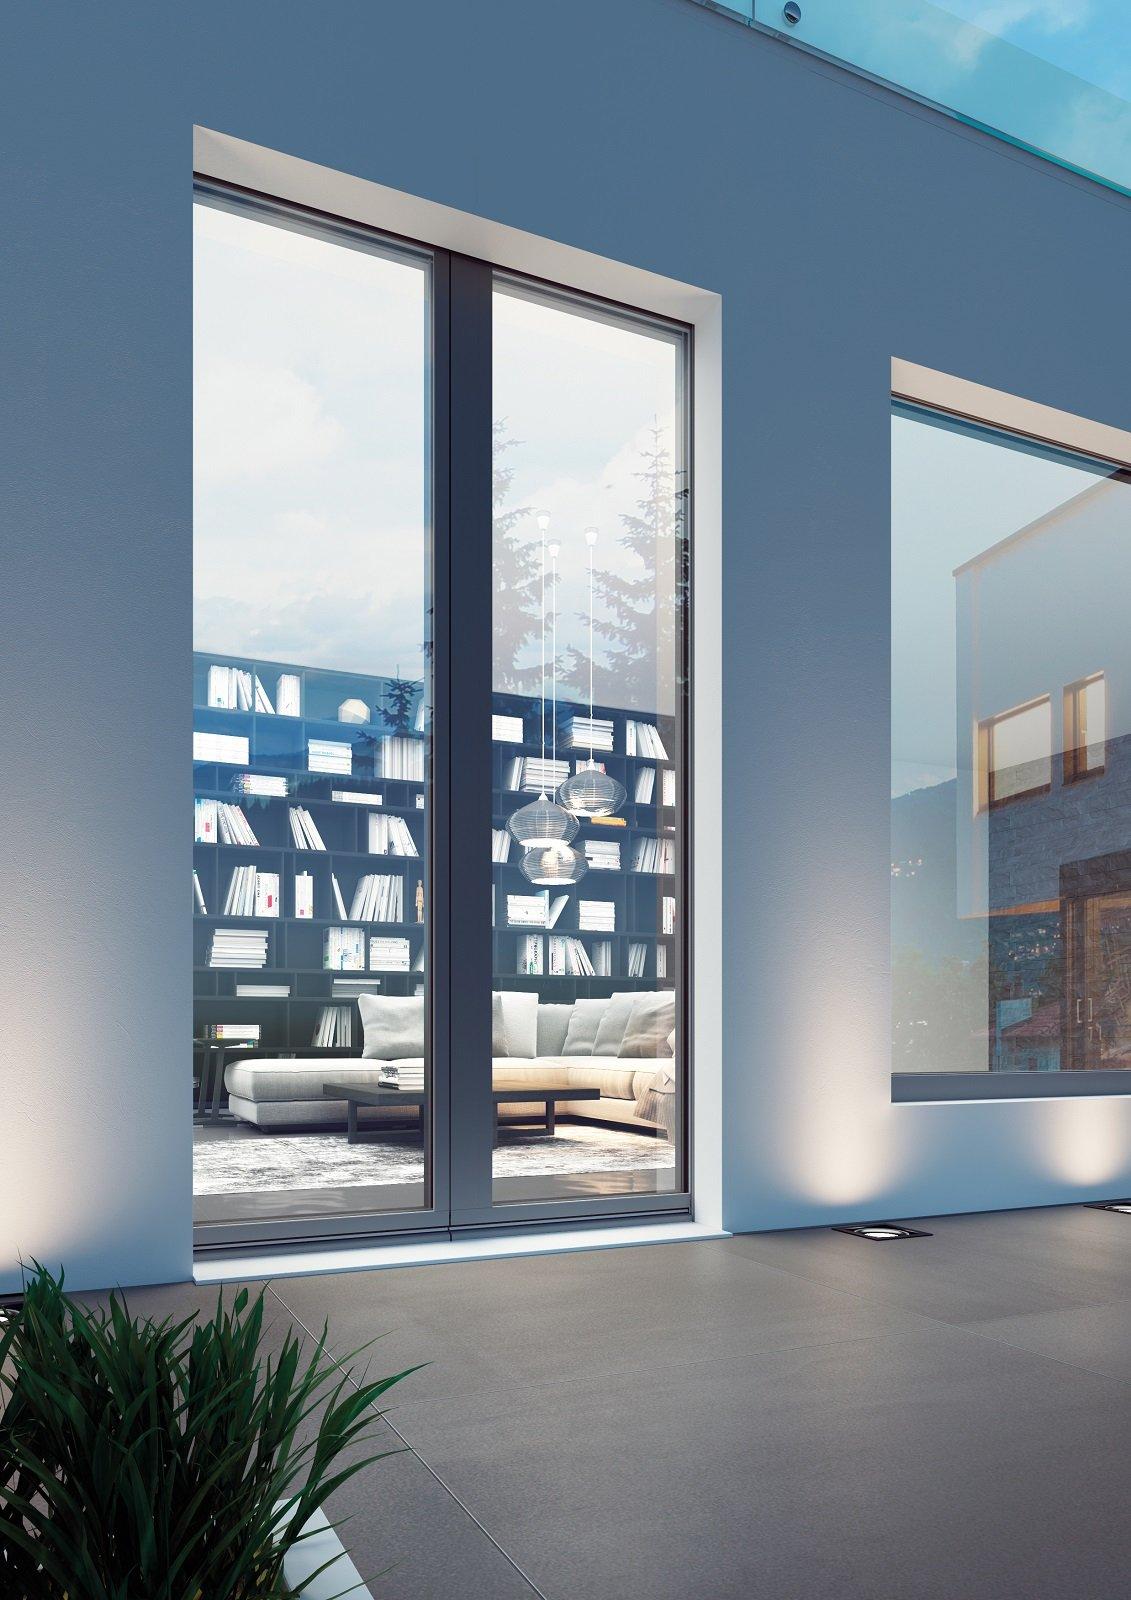 Finestre con ridotti profili per tanta luminosit nell - Finestre scorrevoli in vetro ...